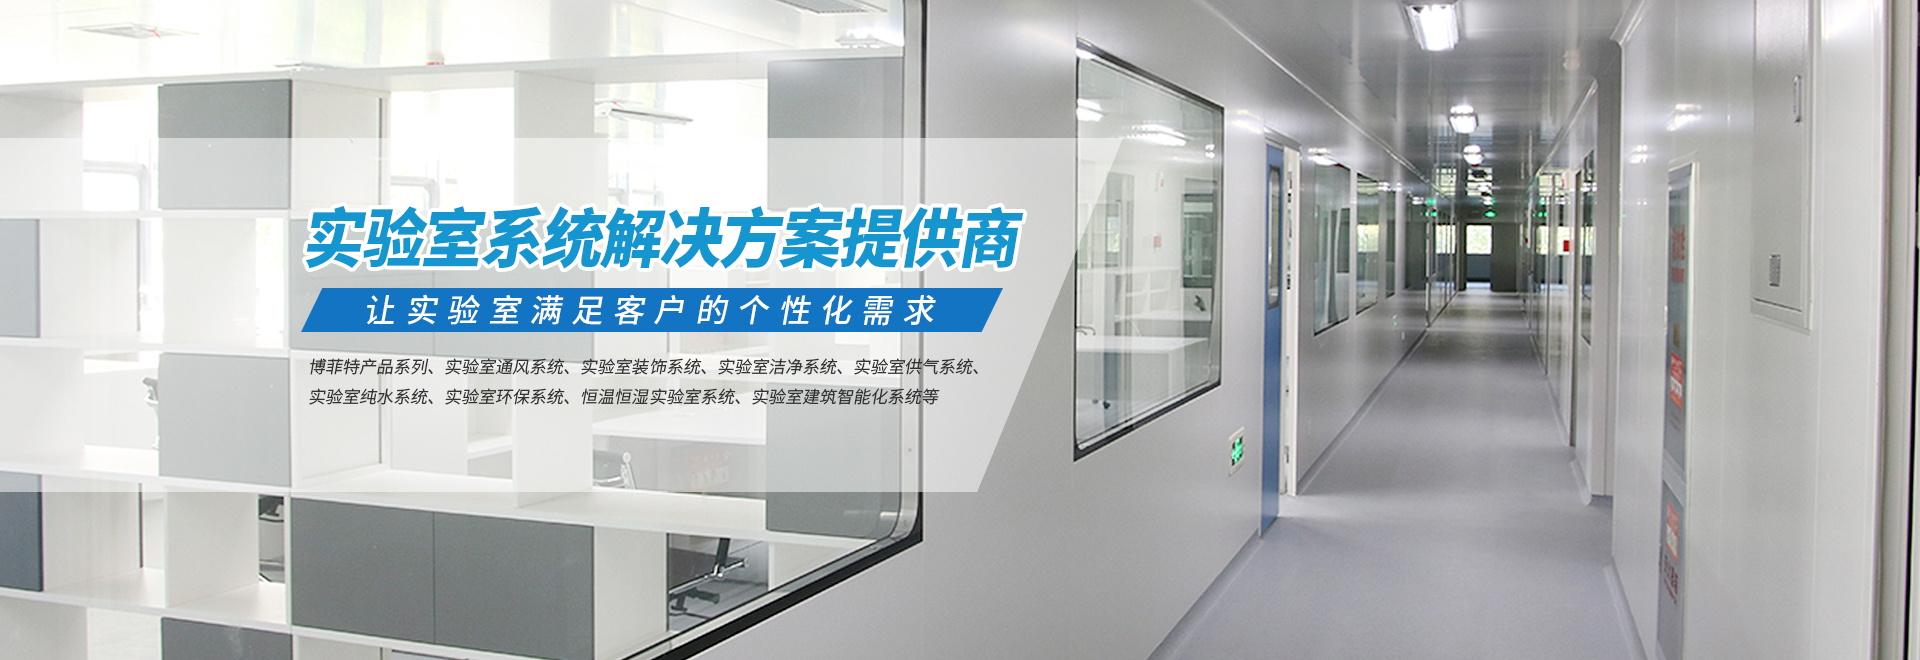 武汉实验台公司